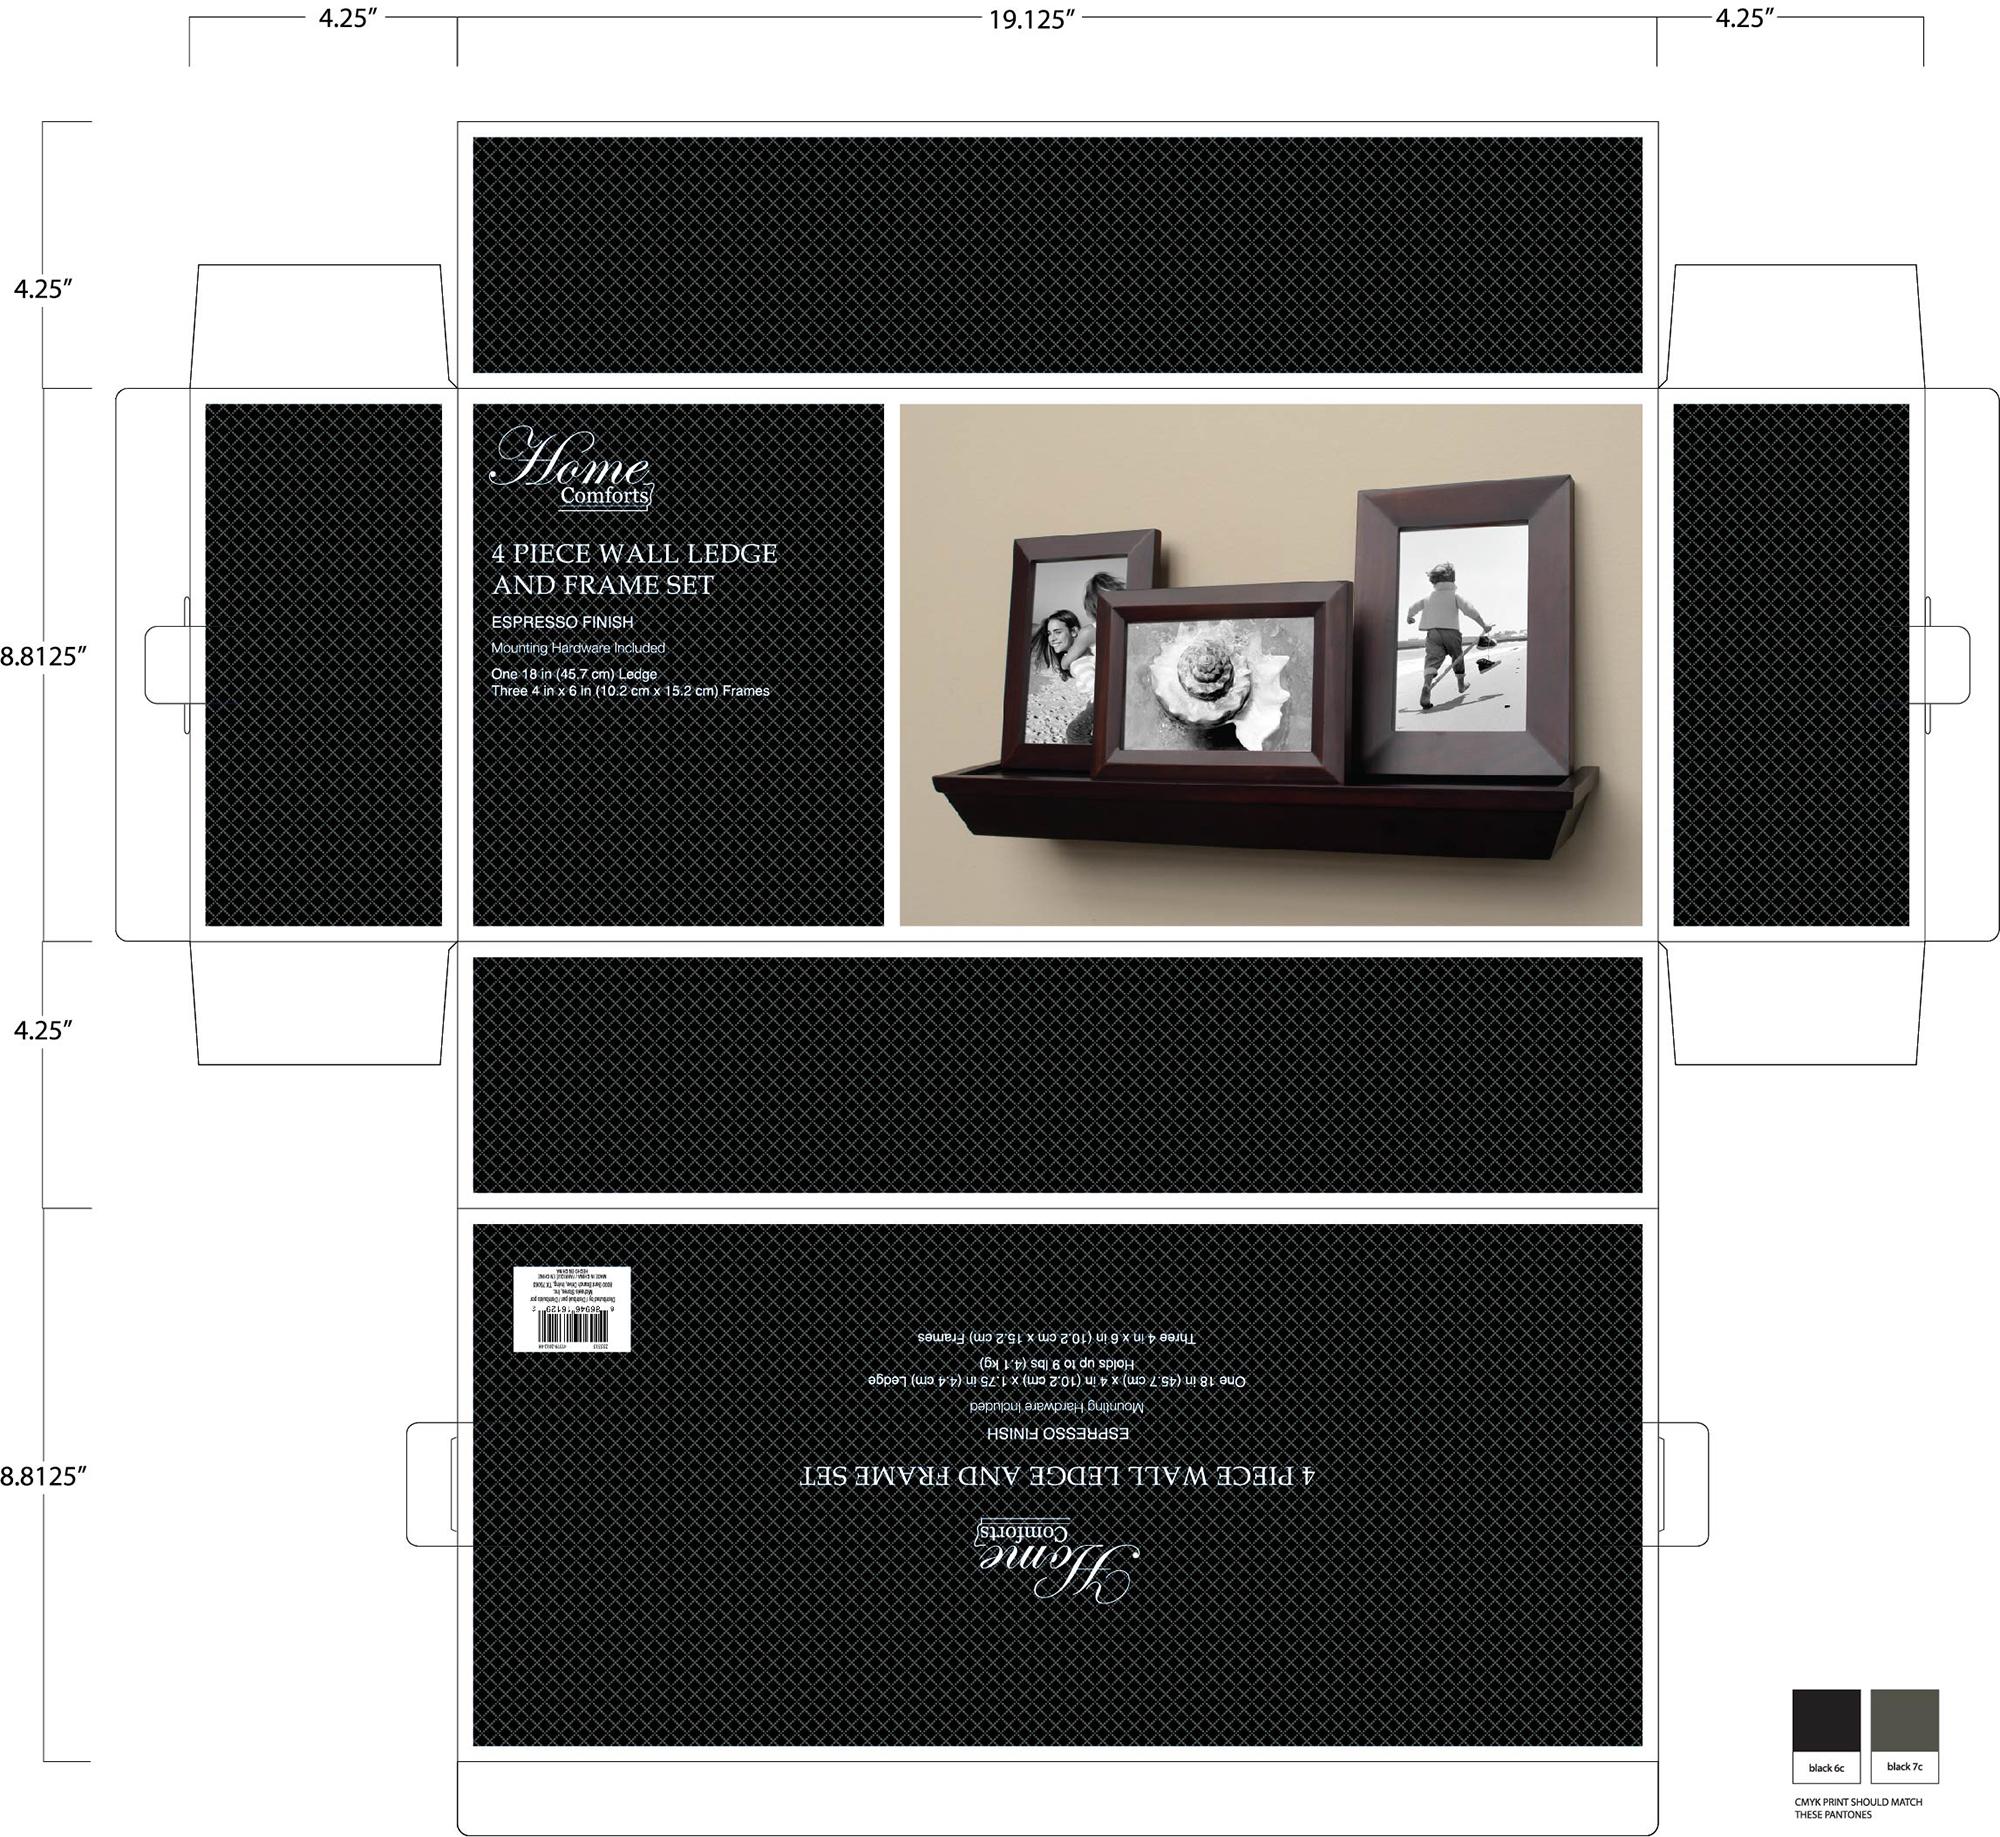 4pcWallShelfFrameSet_Espresso_070212-OL.jpg